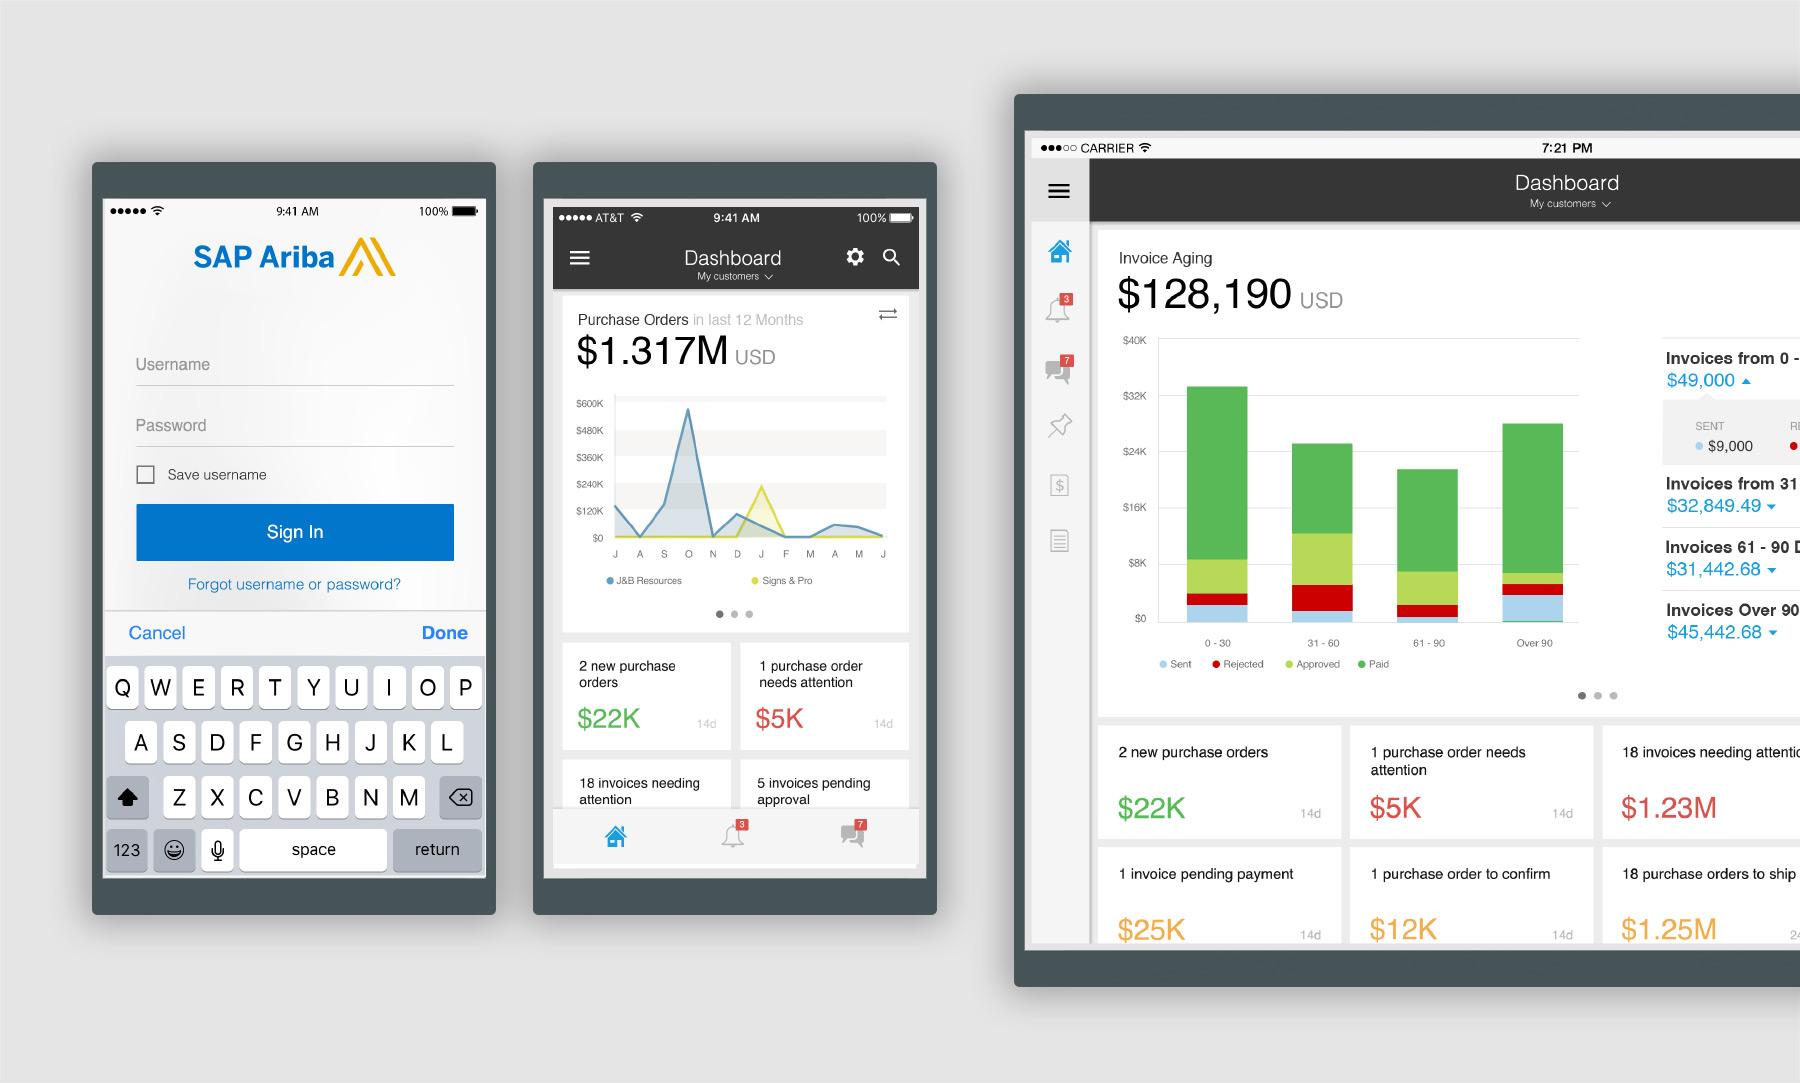 SAP Ariba UX UI Design